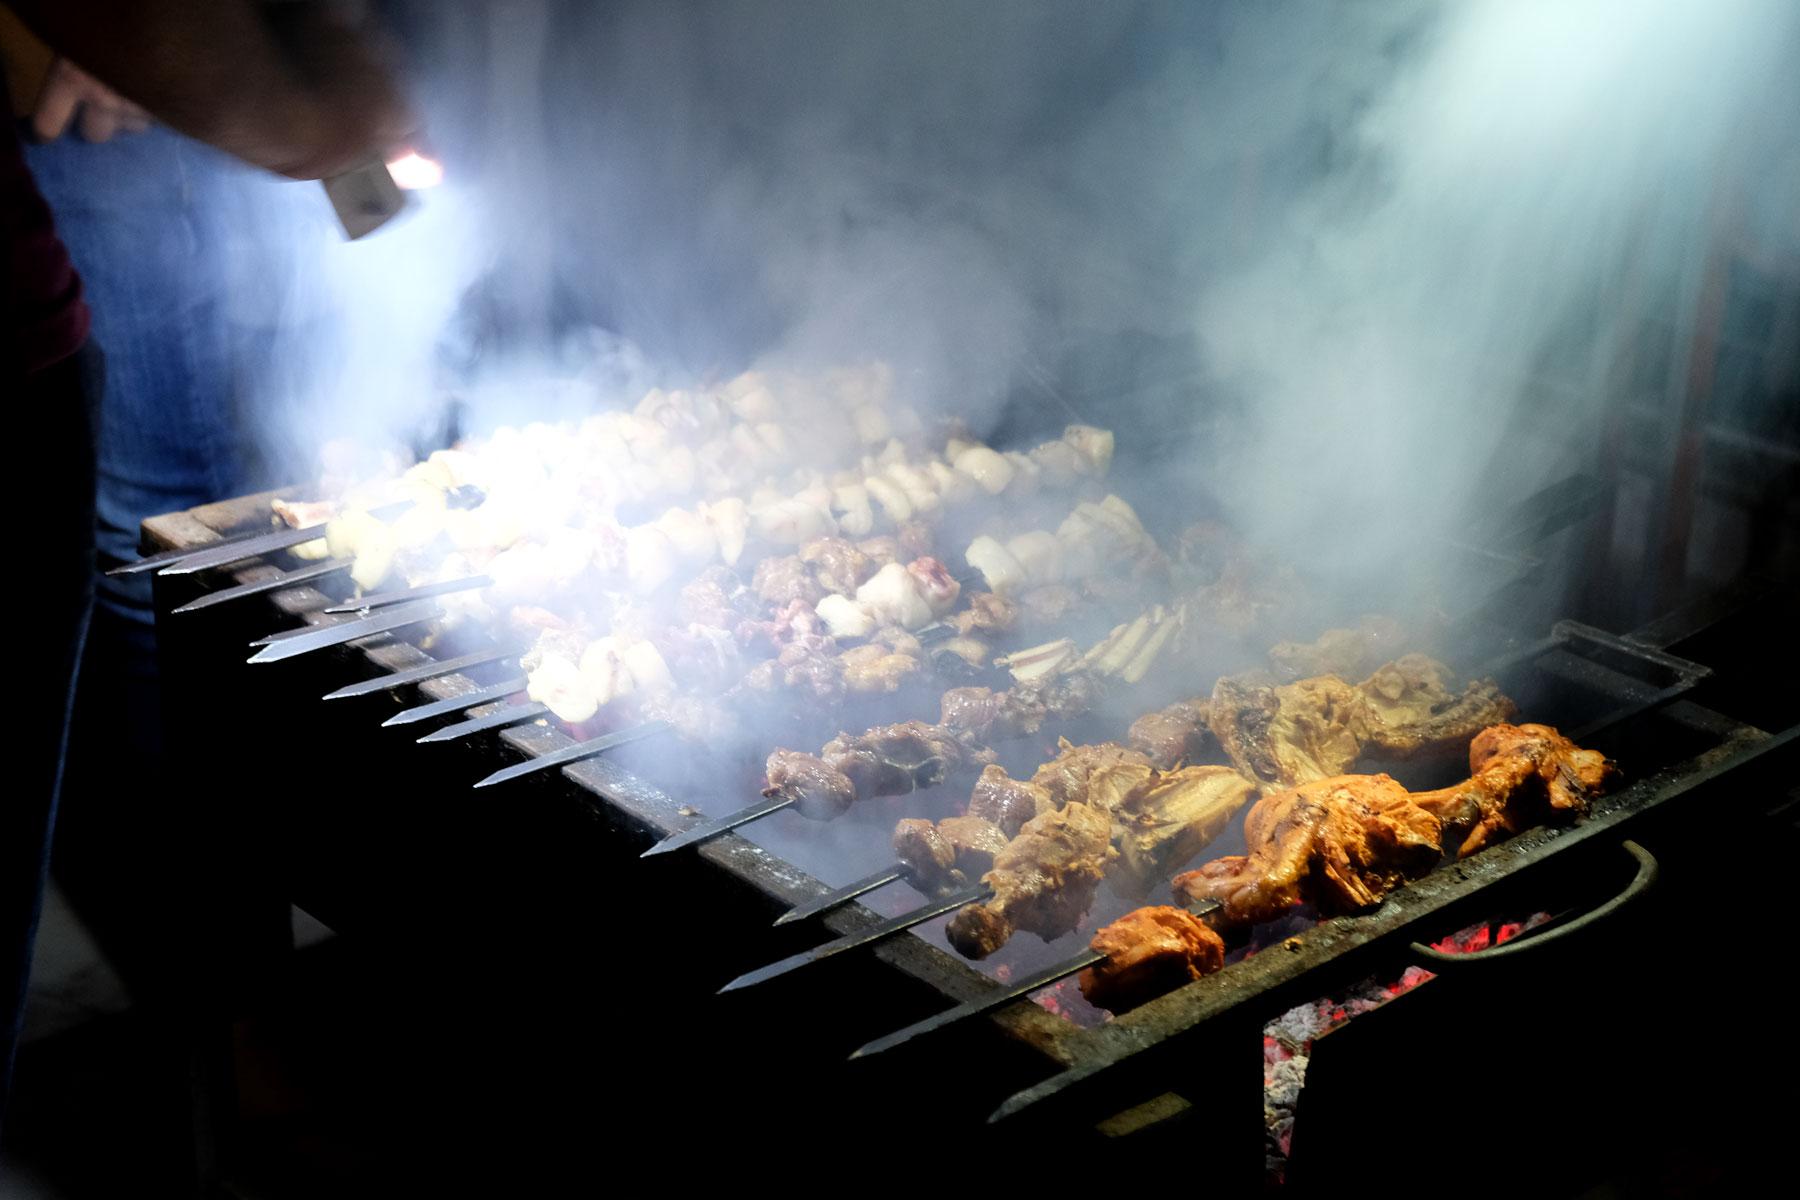 Auf einem Grill werden Fleischspieße gegrillt.